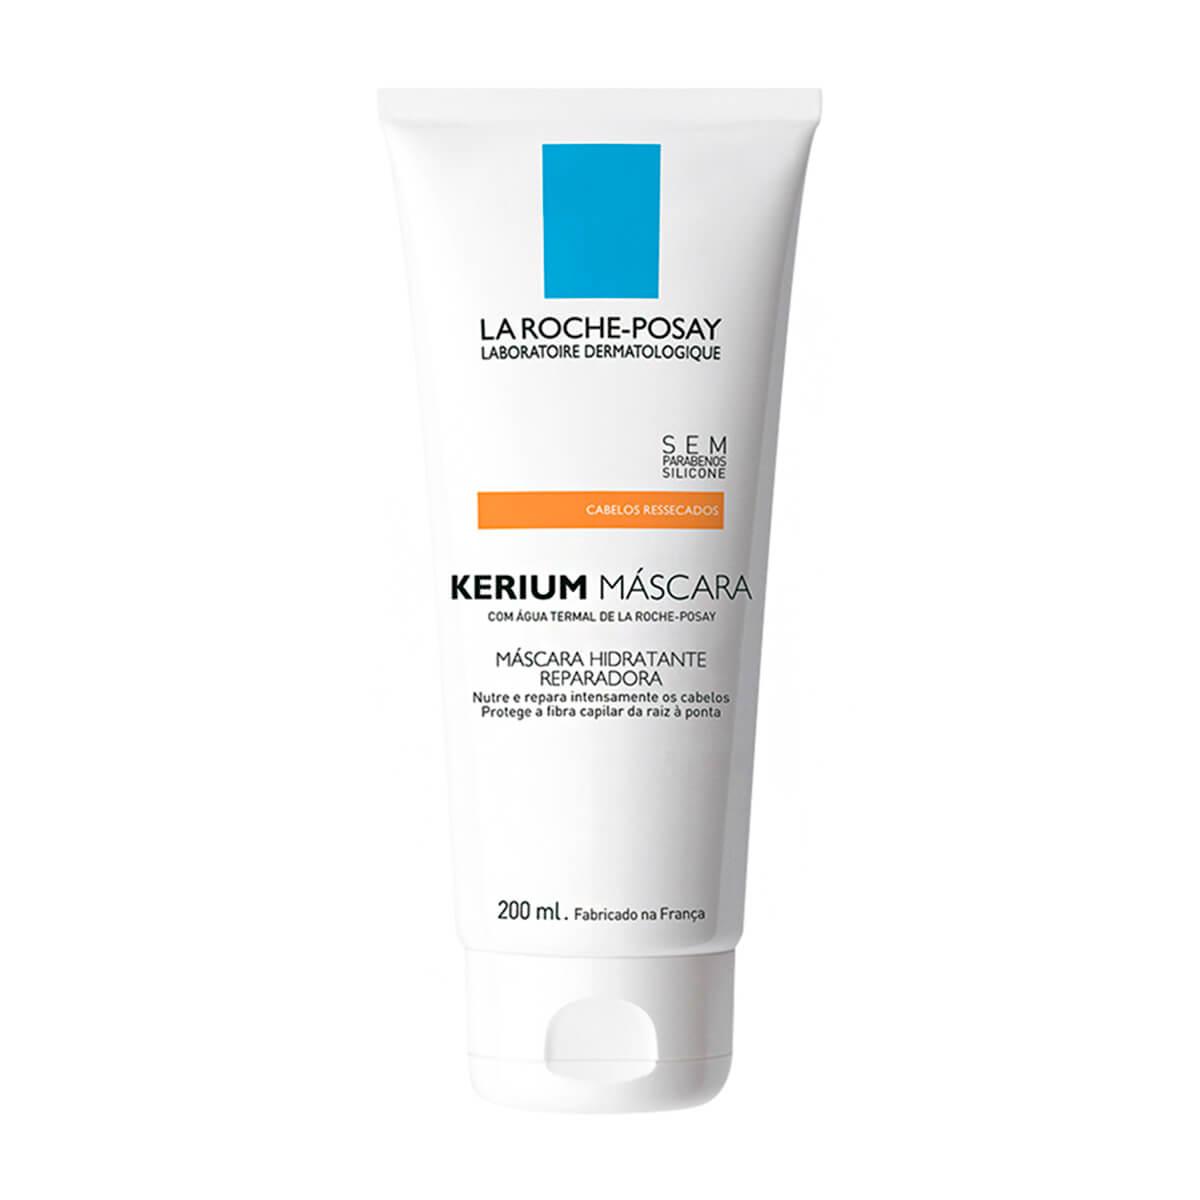 Máscara Capilar Hidratante Reparadora La Roche-Posay Kerium com 200ml 200ml